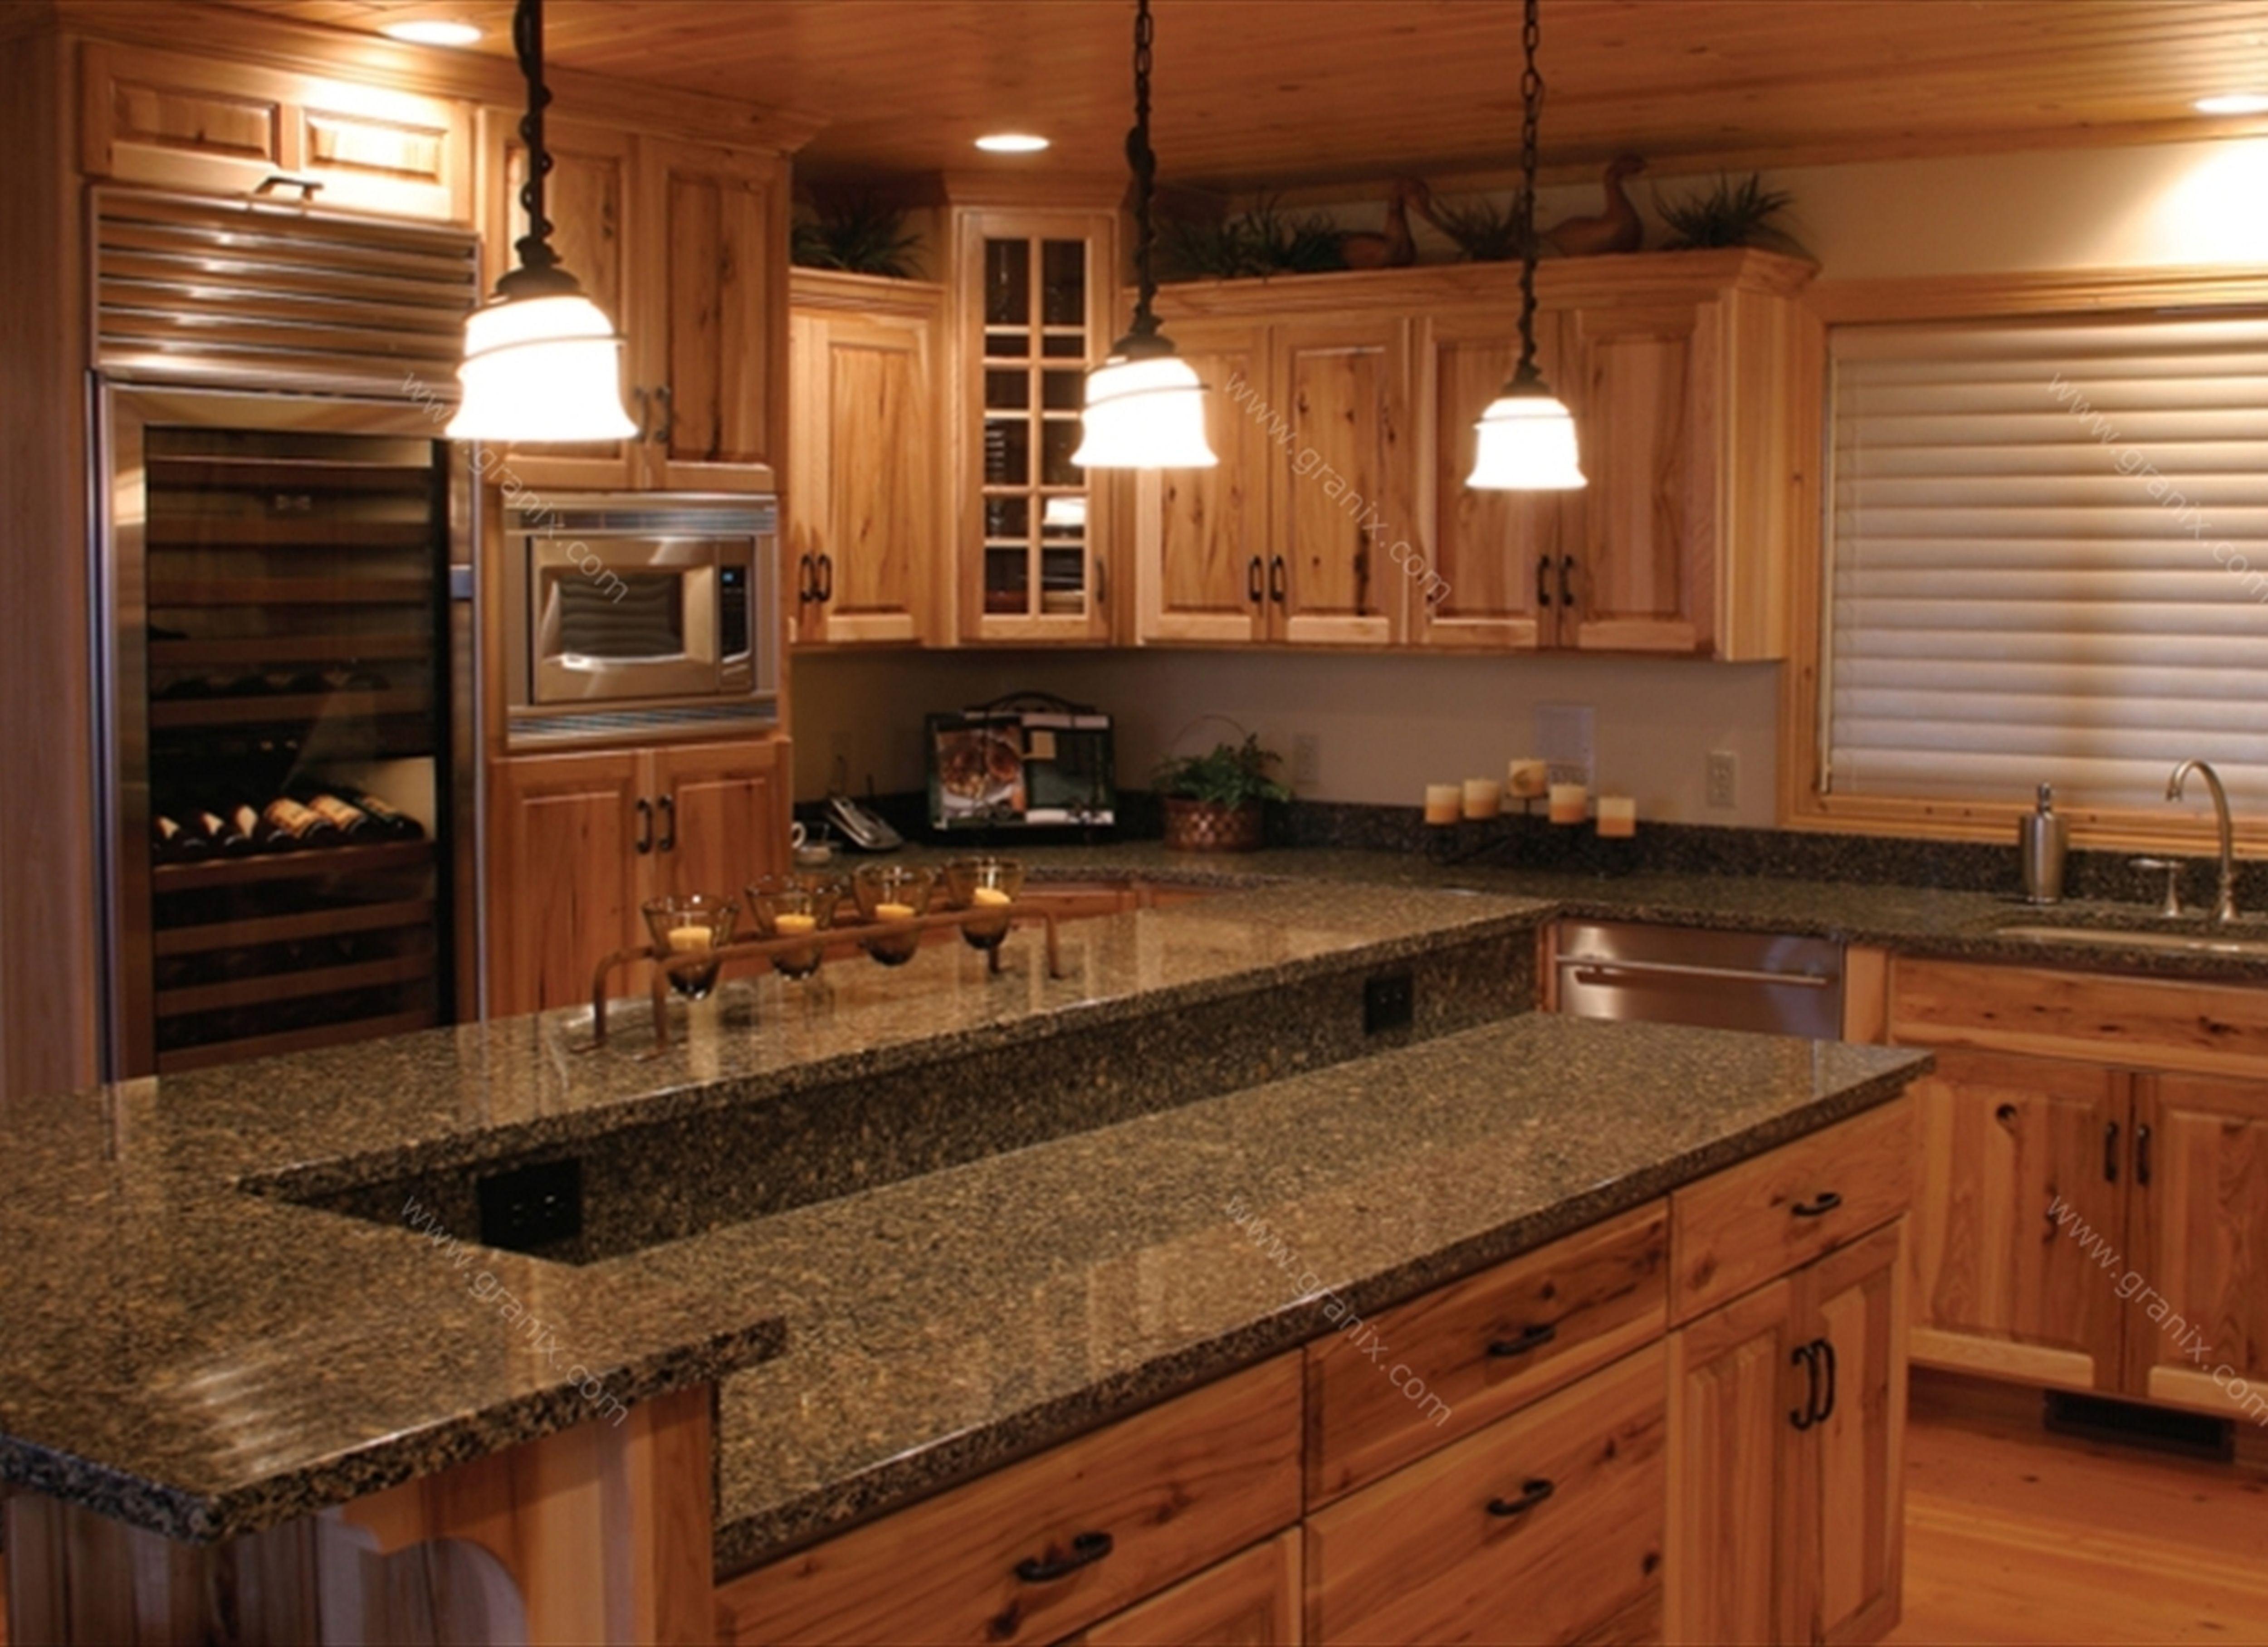 Cozy Lowes Quartz Countertops for Your Kitchen Design ...